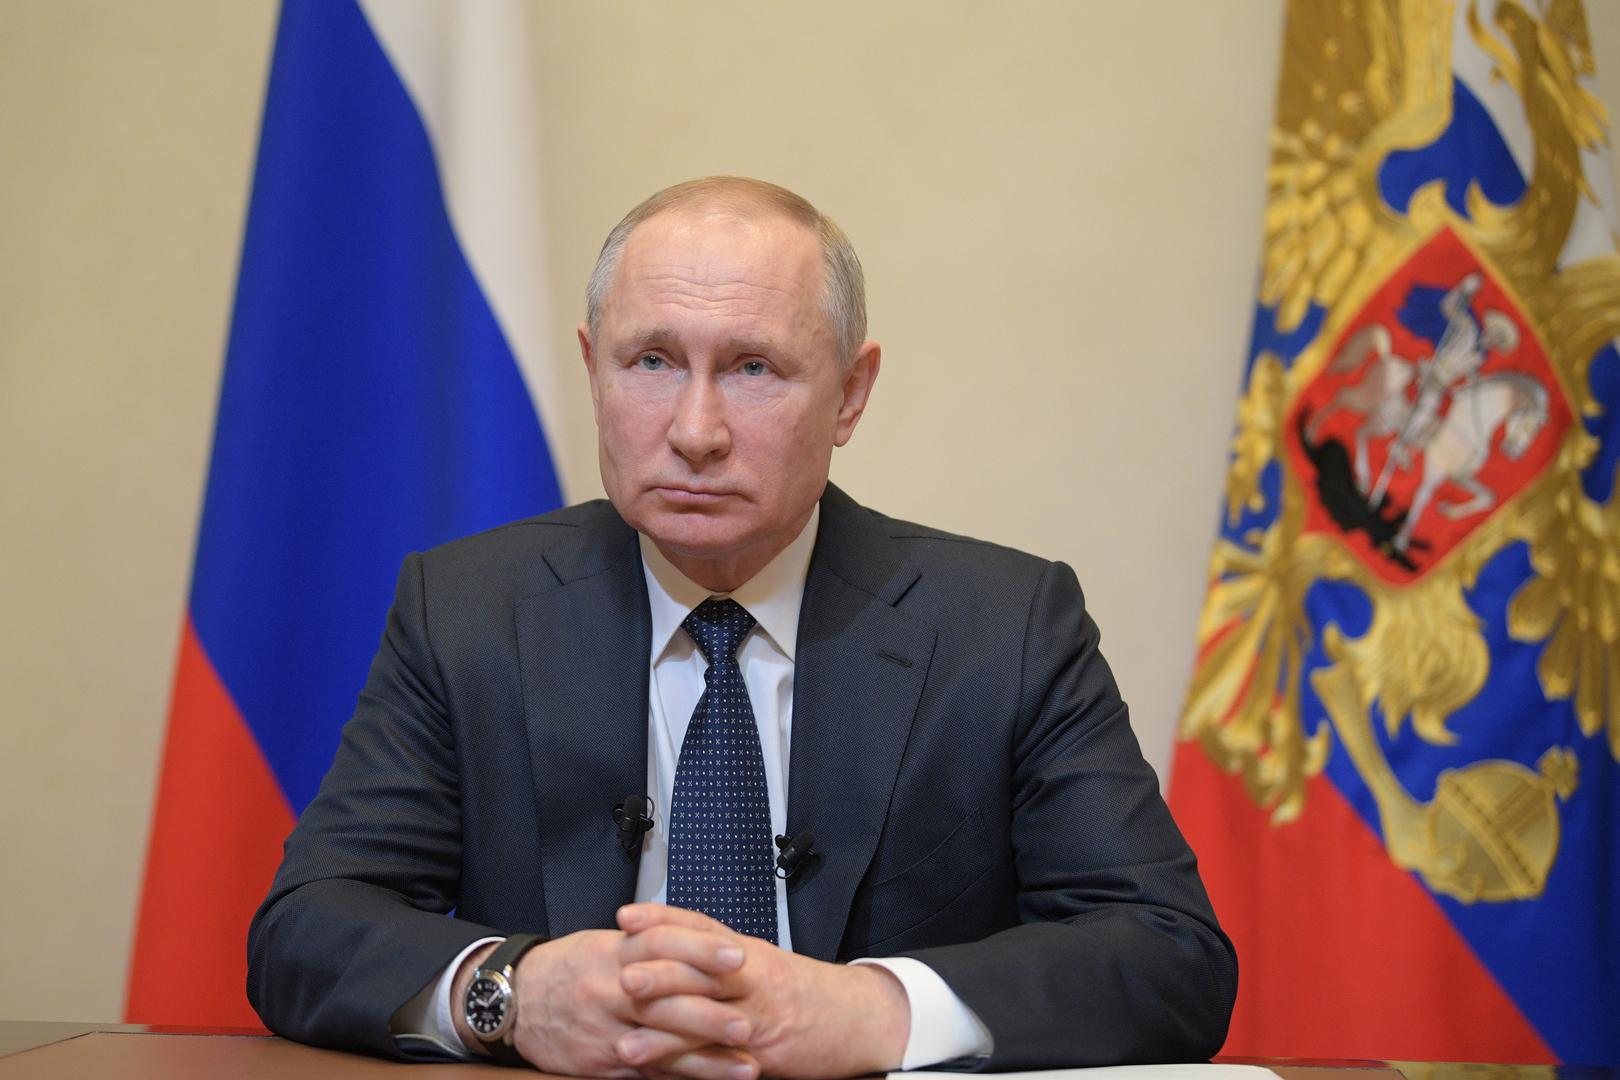 بوتين يطرح سلسلة اقتراحات اجتماعية واقتصادية لكبح تفشي كورونا في روسيا